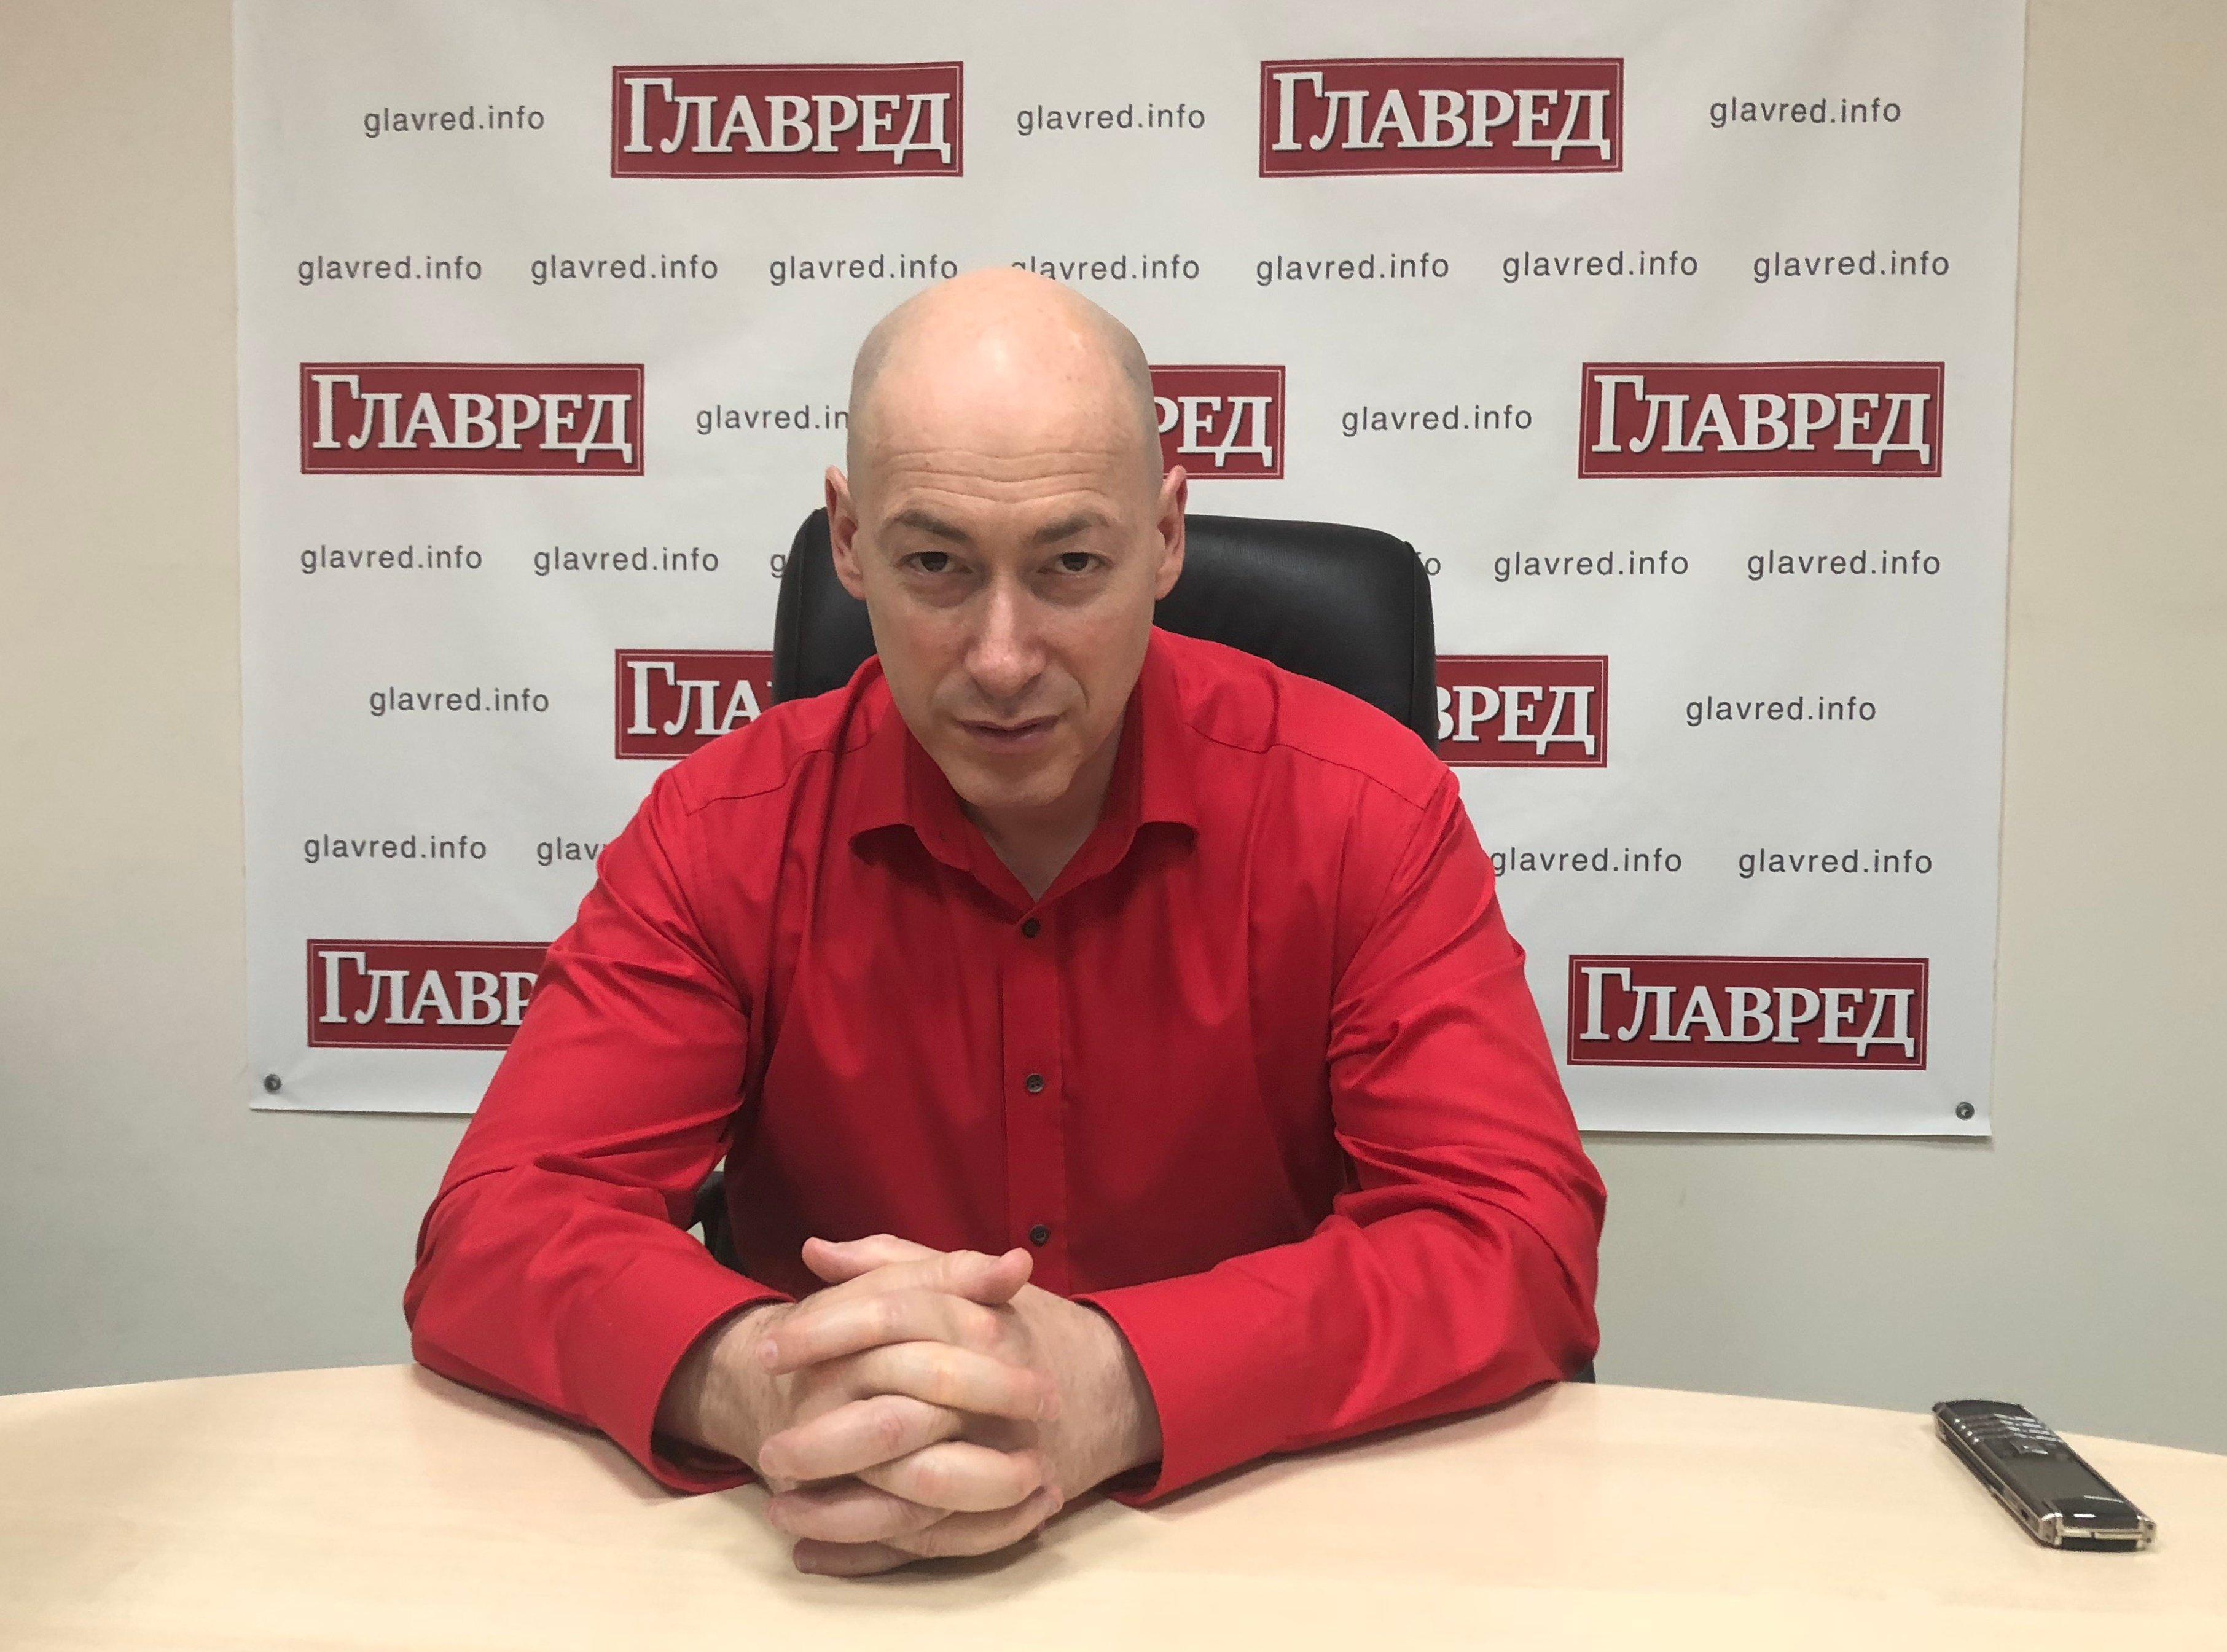 Дмитрий Гордон выступил против разрушения памятников эпохи СССР